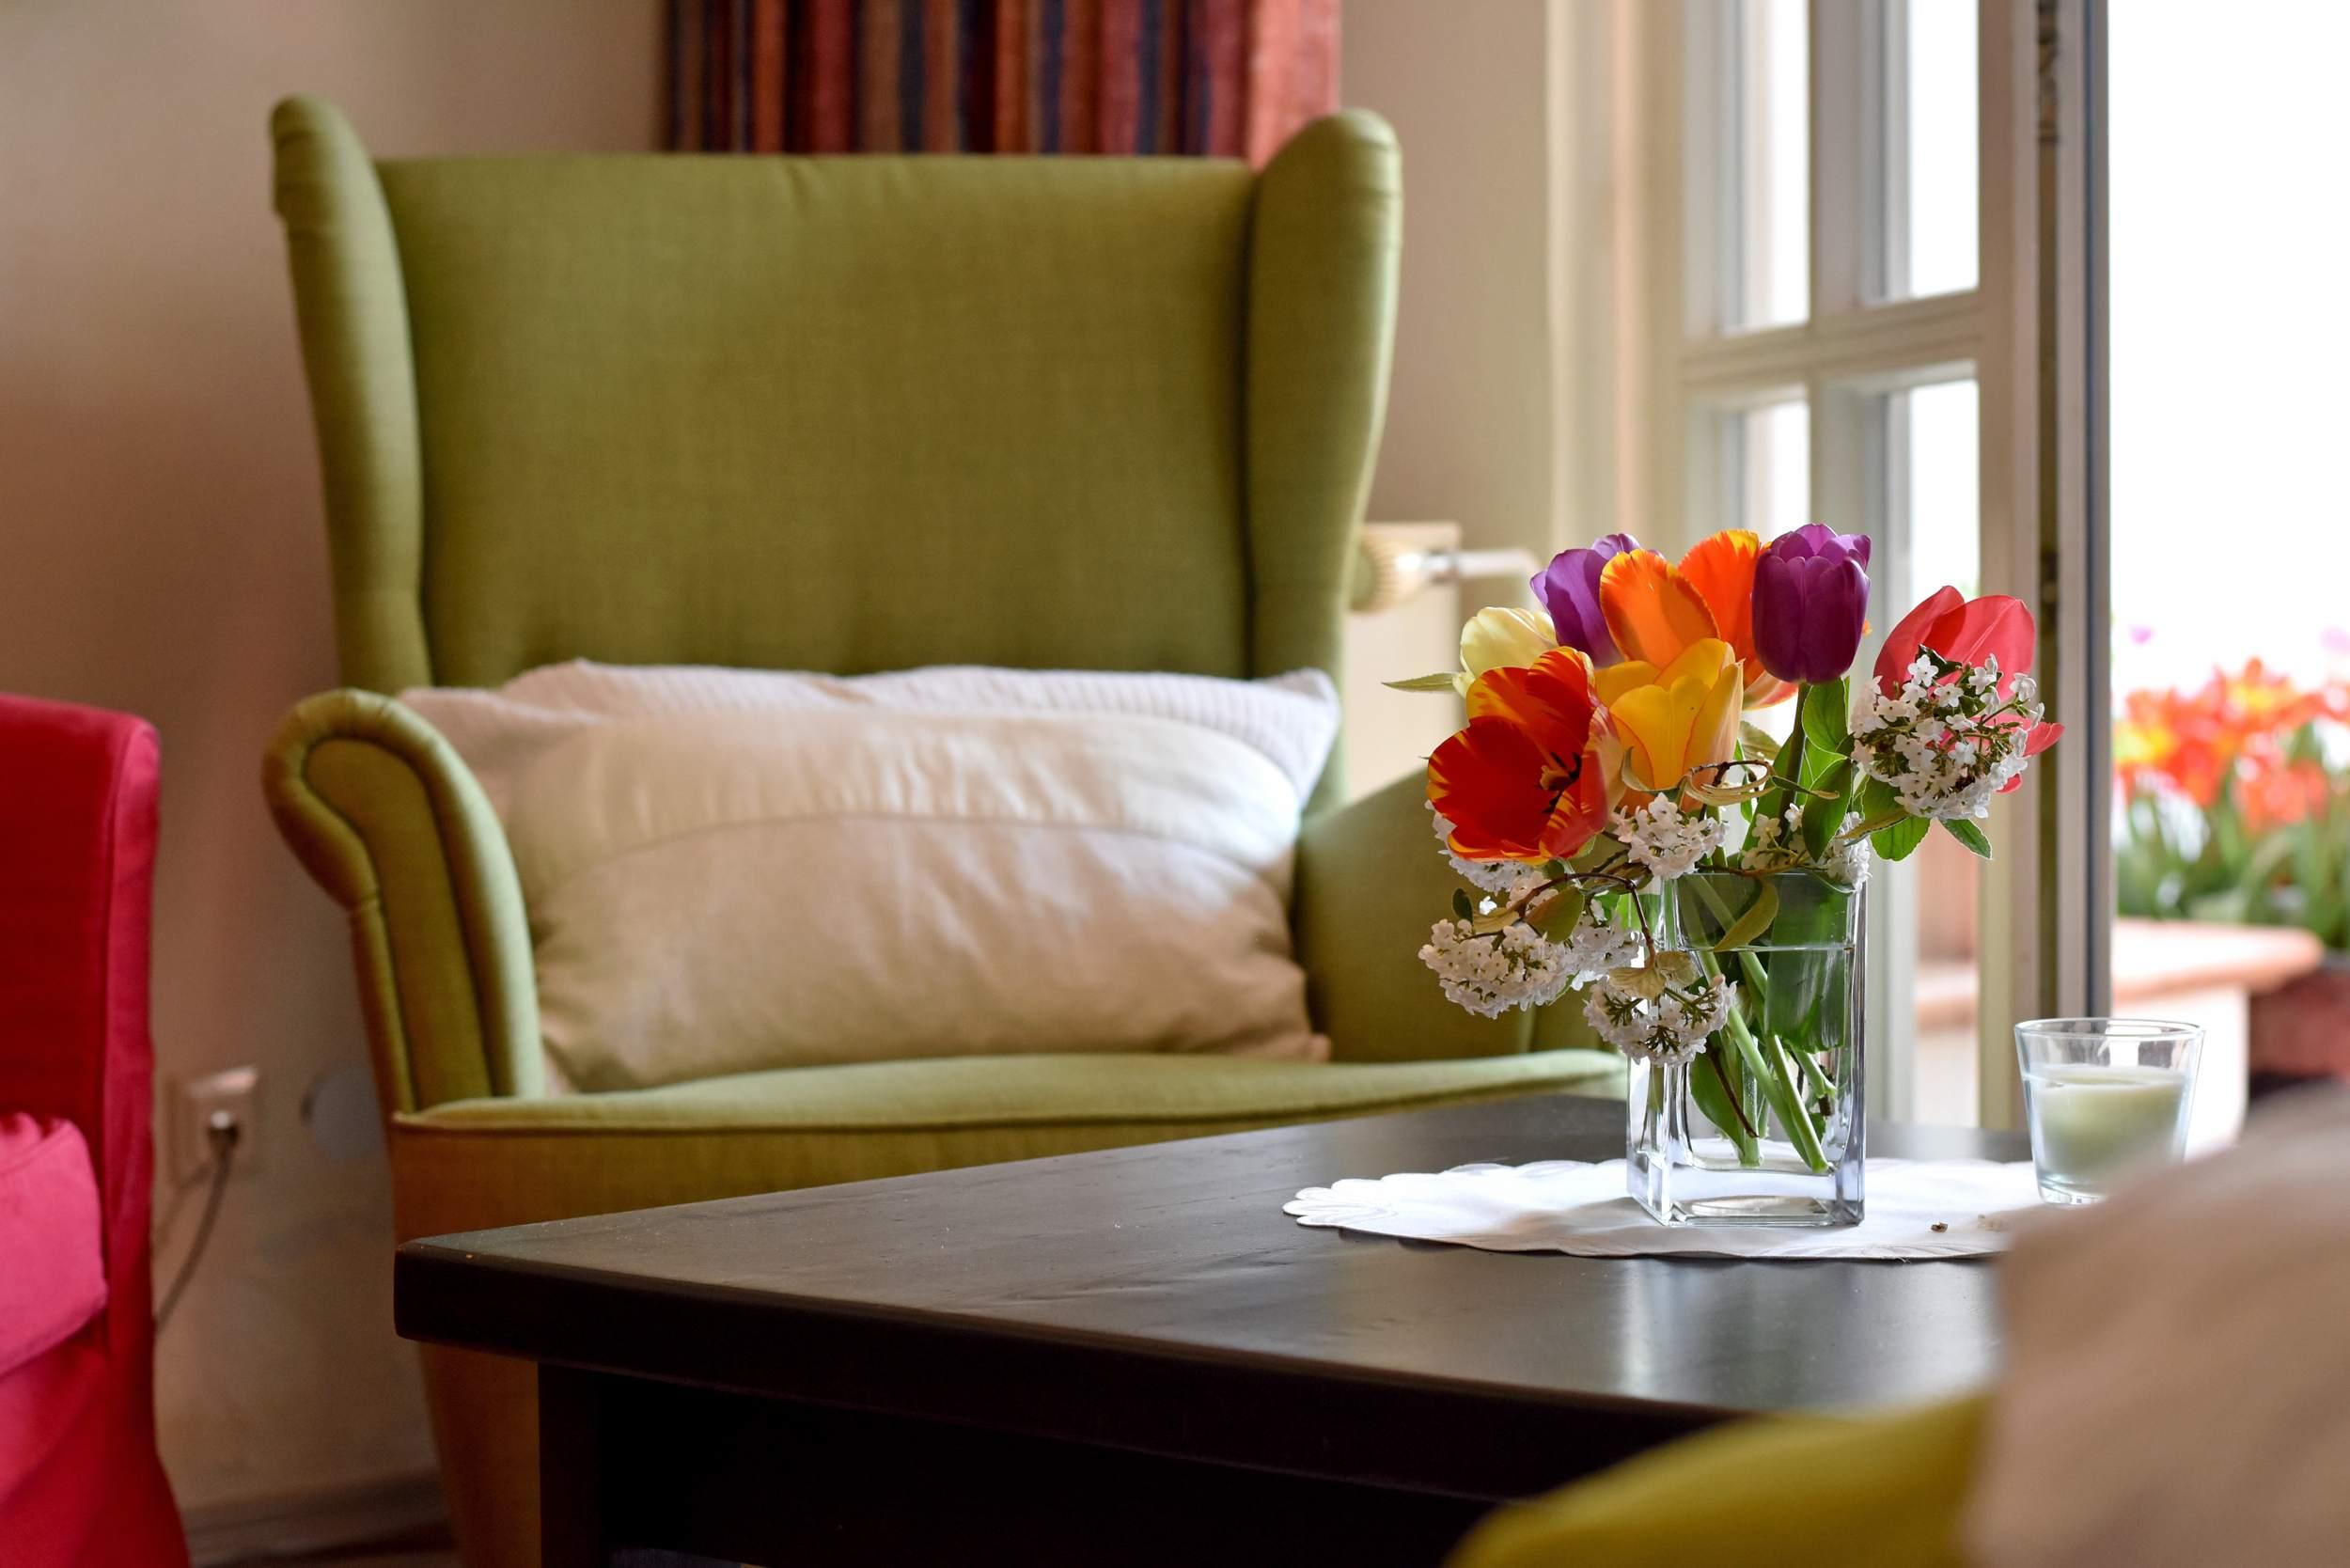 Apartmenthaus Duderstadt - Wohnraum mit Blumendekoration